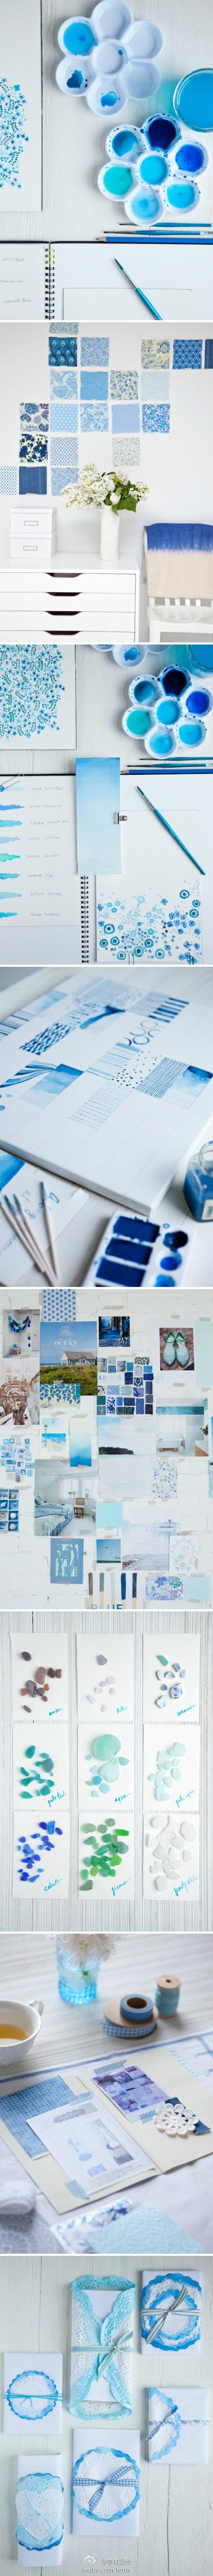 这个夏日,让人很难不去想这个经典蓝色和明亮白色的组合。浸染的小桌布,群青、靛蓝和淡蓝色……也许大家有更多的玩法,水彩、纸张、浸染,不妨利用这三天假期尝试下。